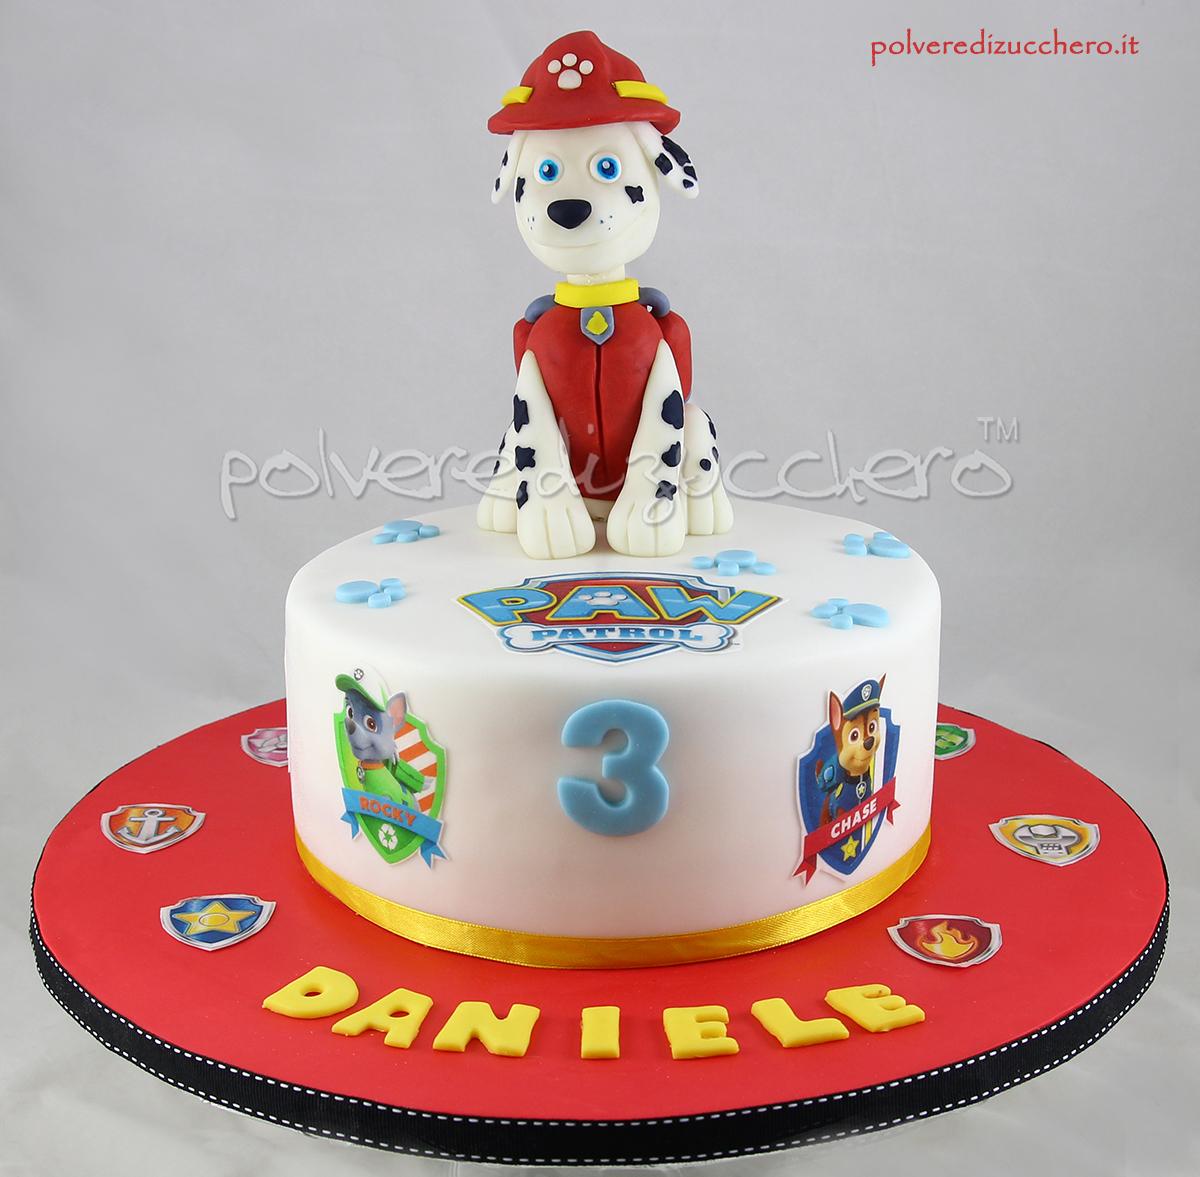 Super Torta decorata Paw Patrol: con Marshall tridimensionale in pasta  OL49